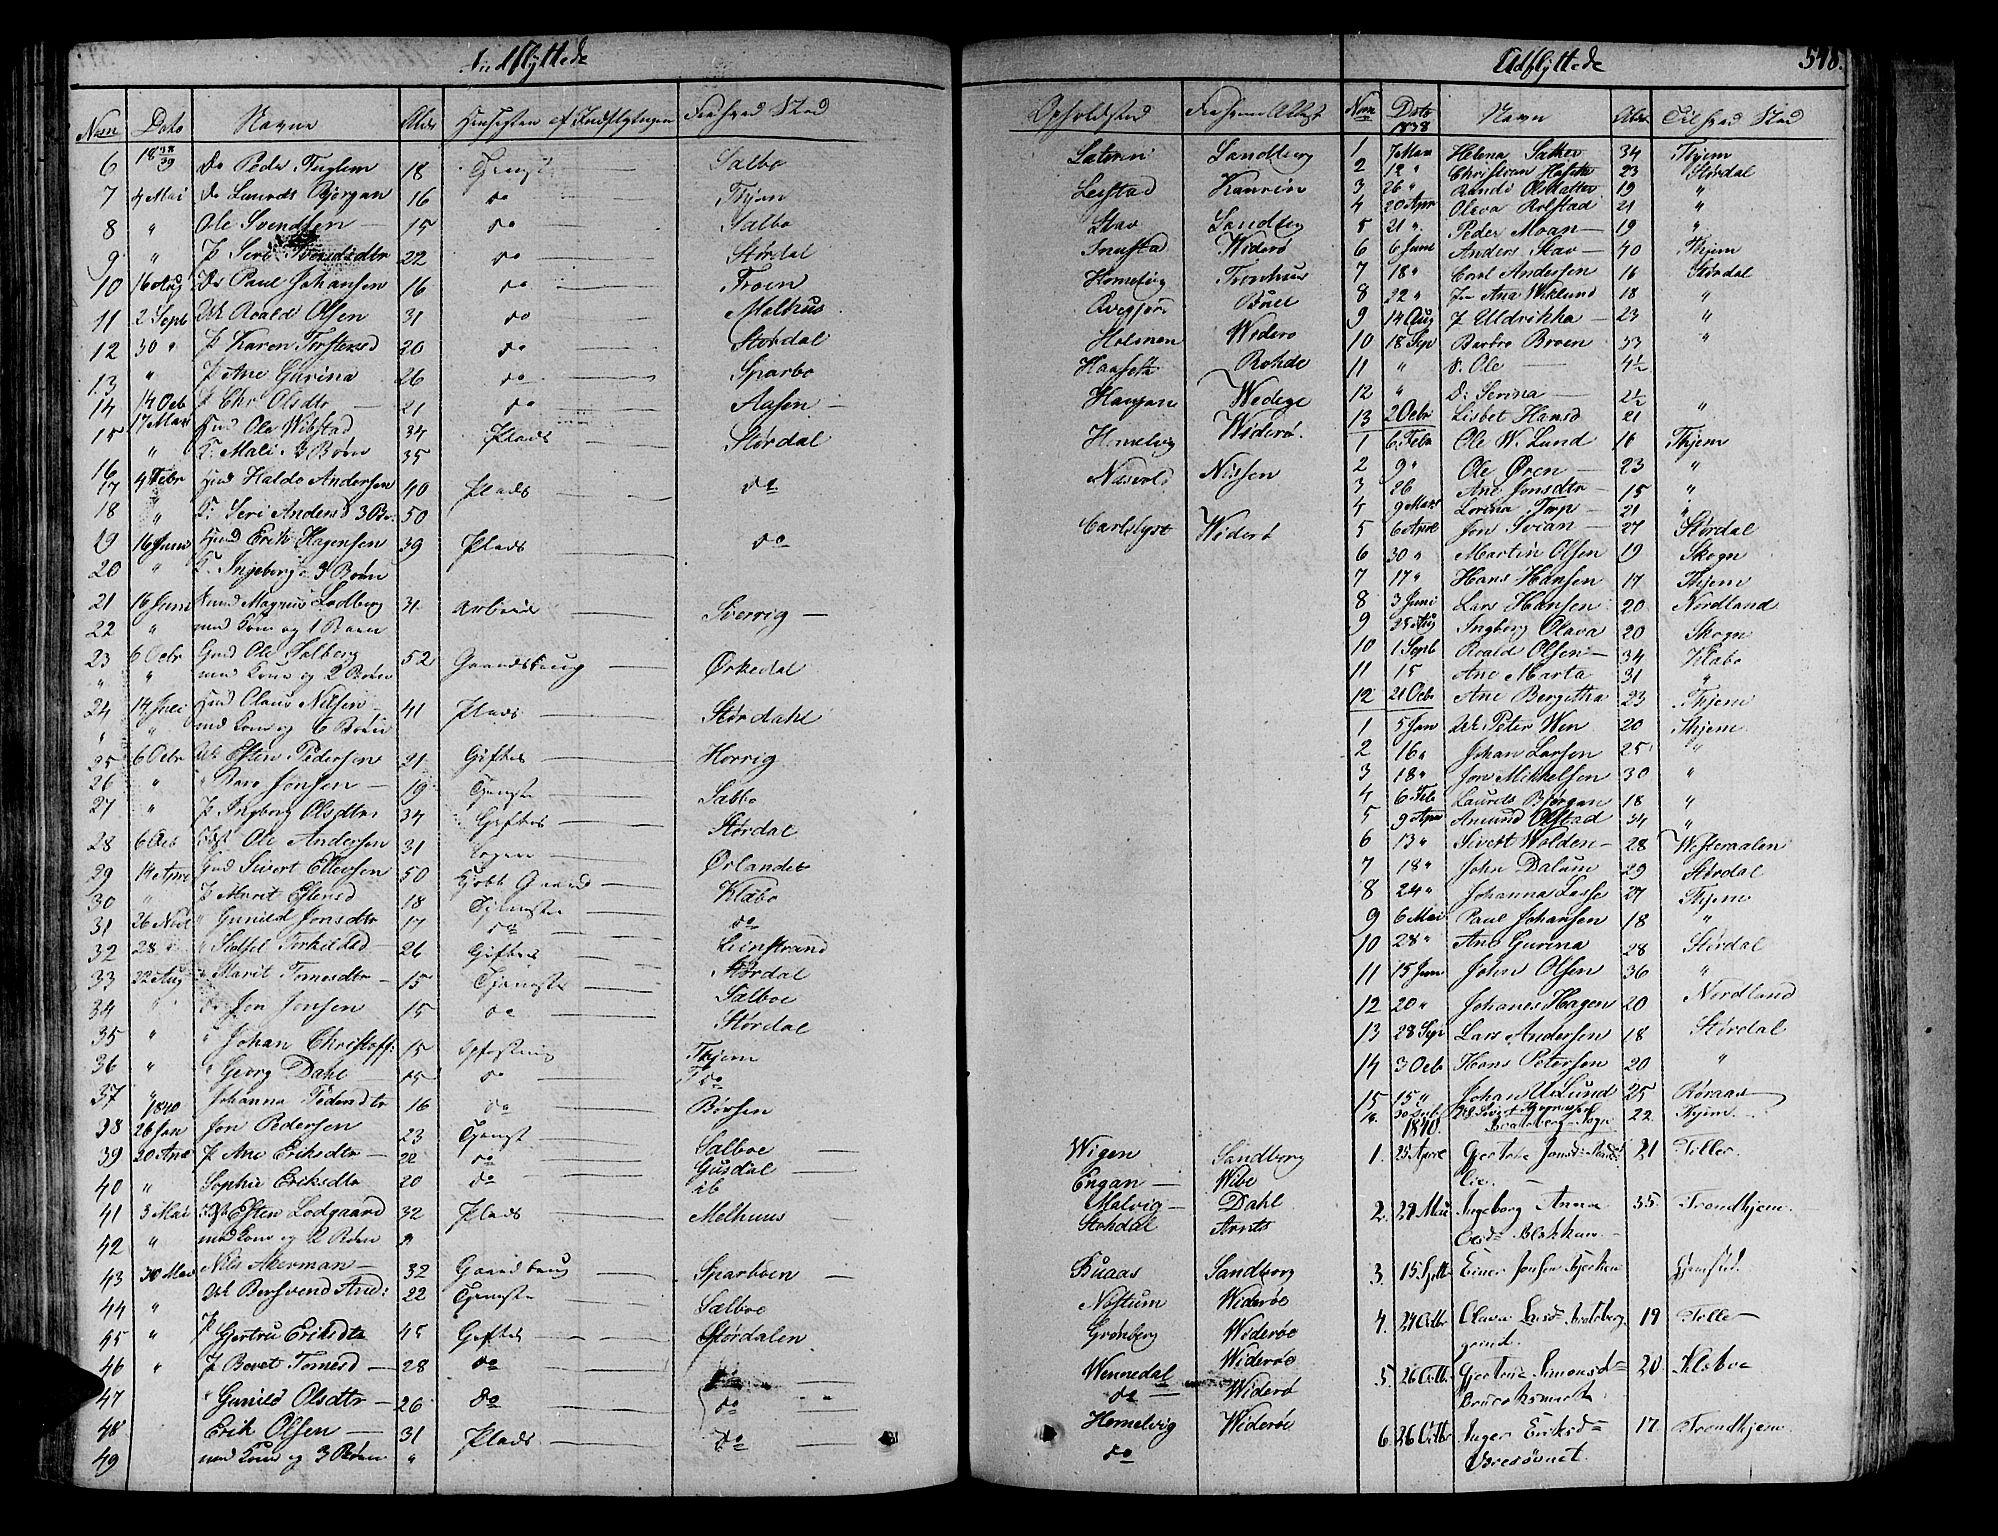 SAT, Ministerialprotokoller, klokkerbøker og fødselsregistre - Sør-Trøndelag, 606/L0286: Ministerialbok nr. 606A04 /1, 1823-1840, s. 548